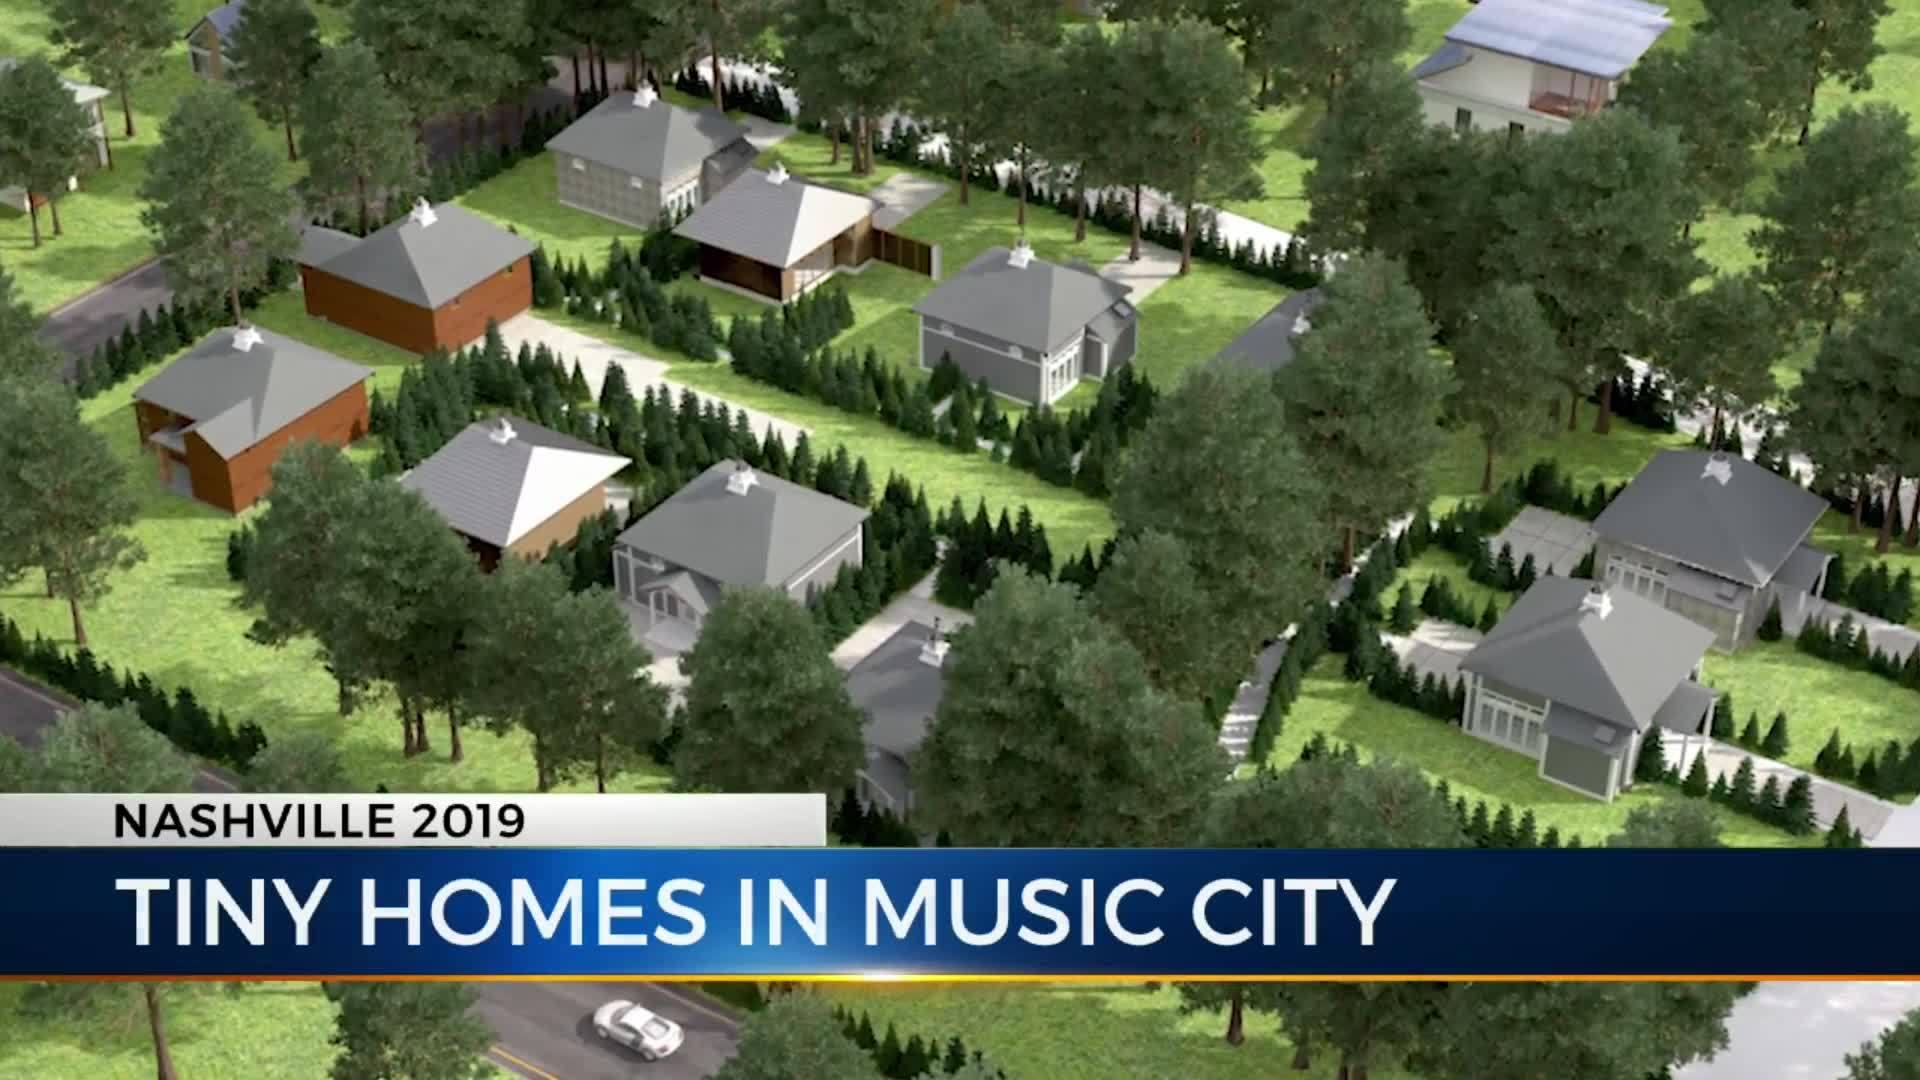 Neighborhood_of_upscale__tiny__homes_com_7_20190315223856